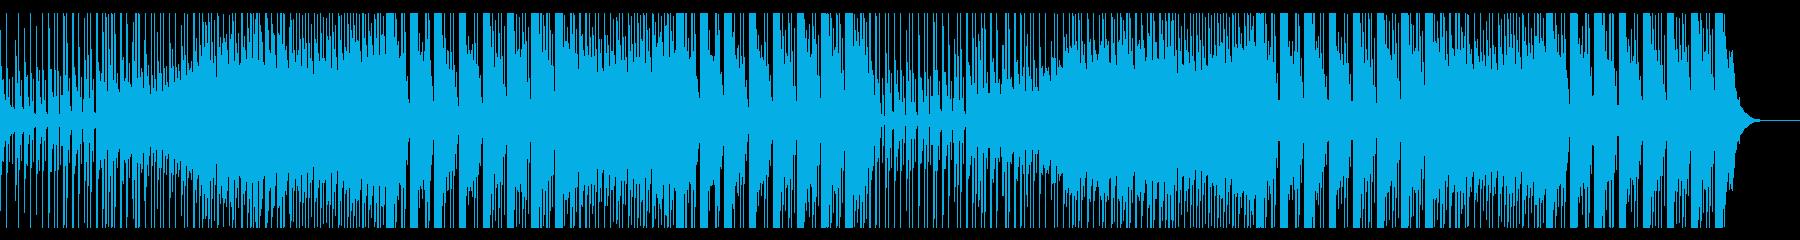 キラキラ洋楽(future pop)の再生済みの波形